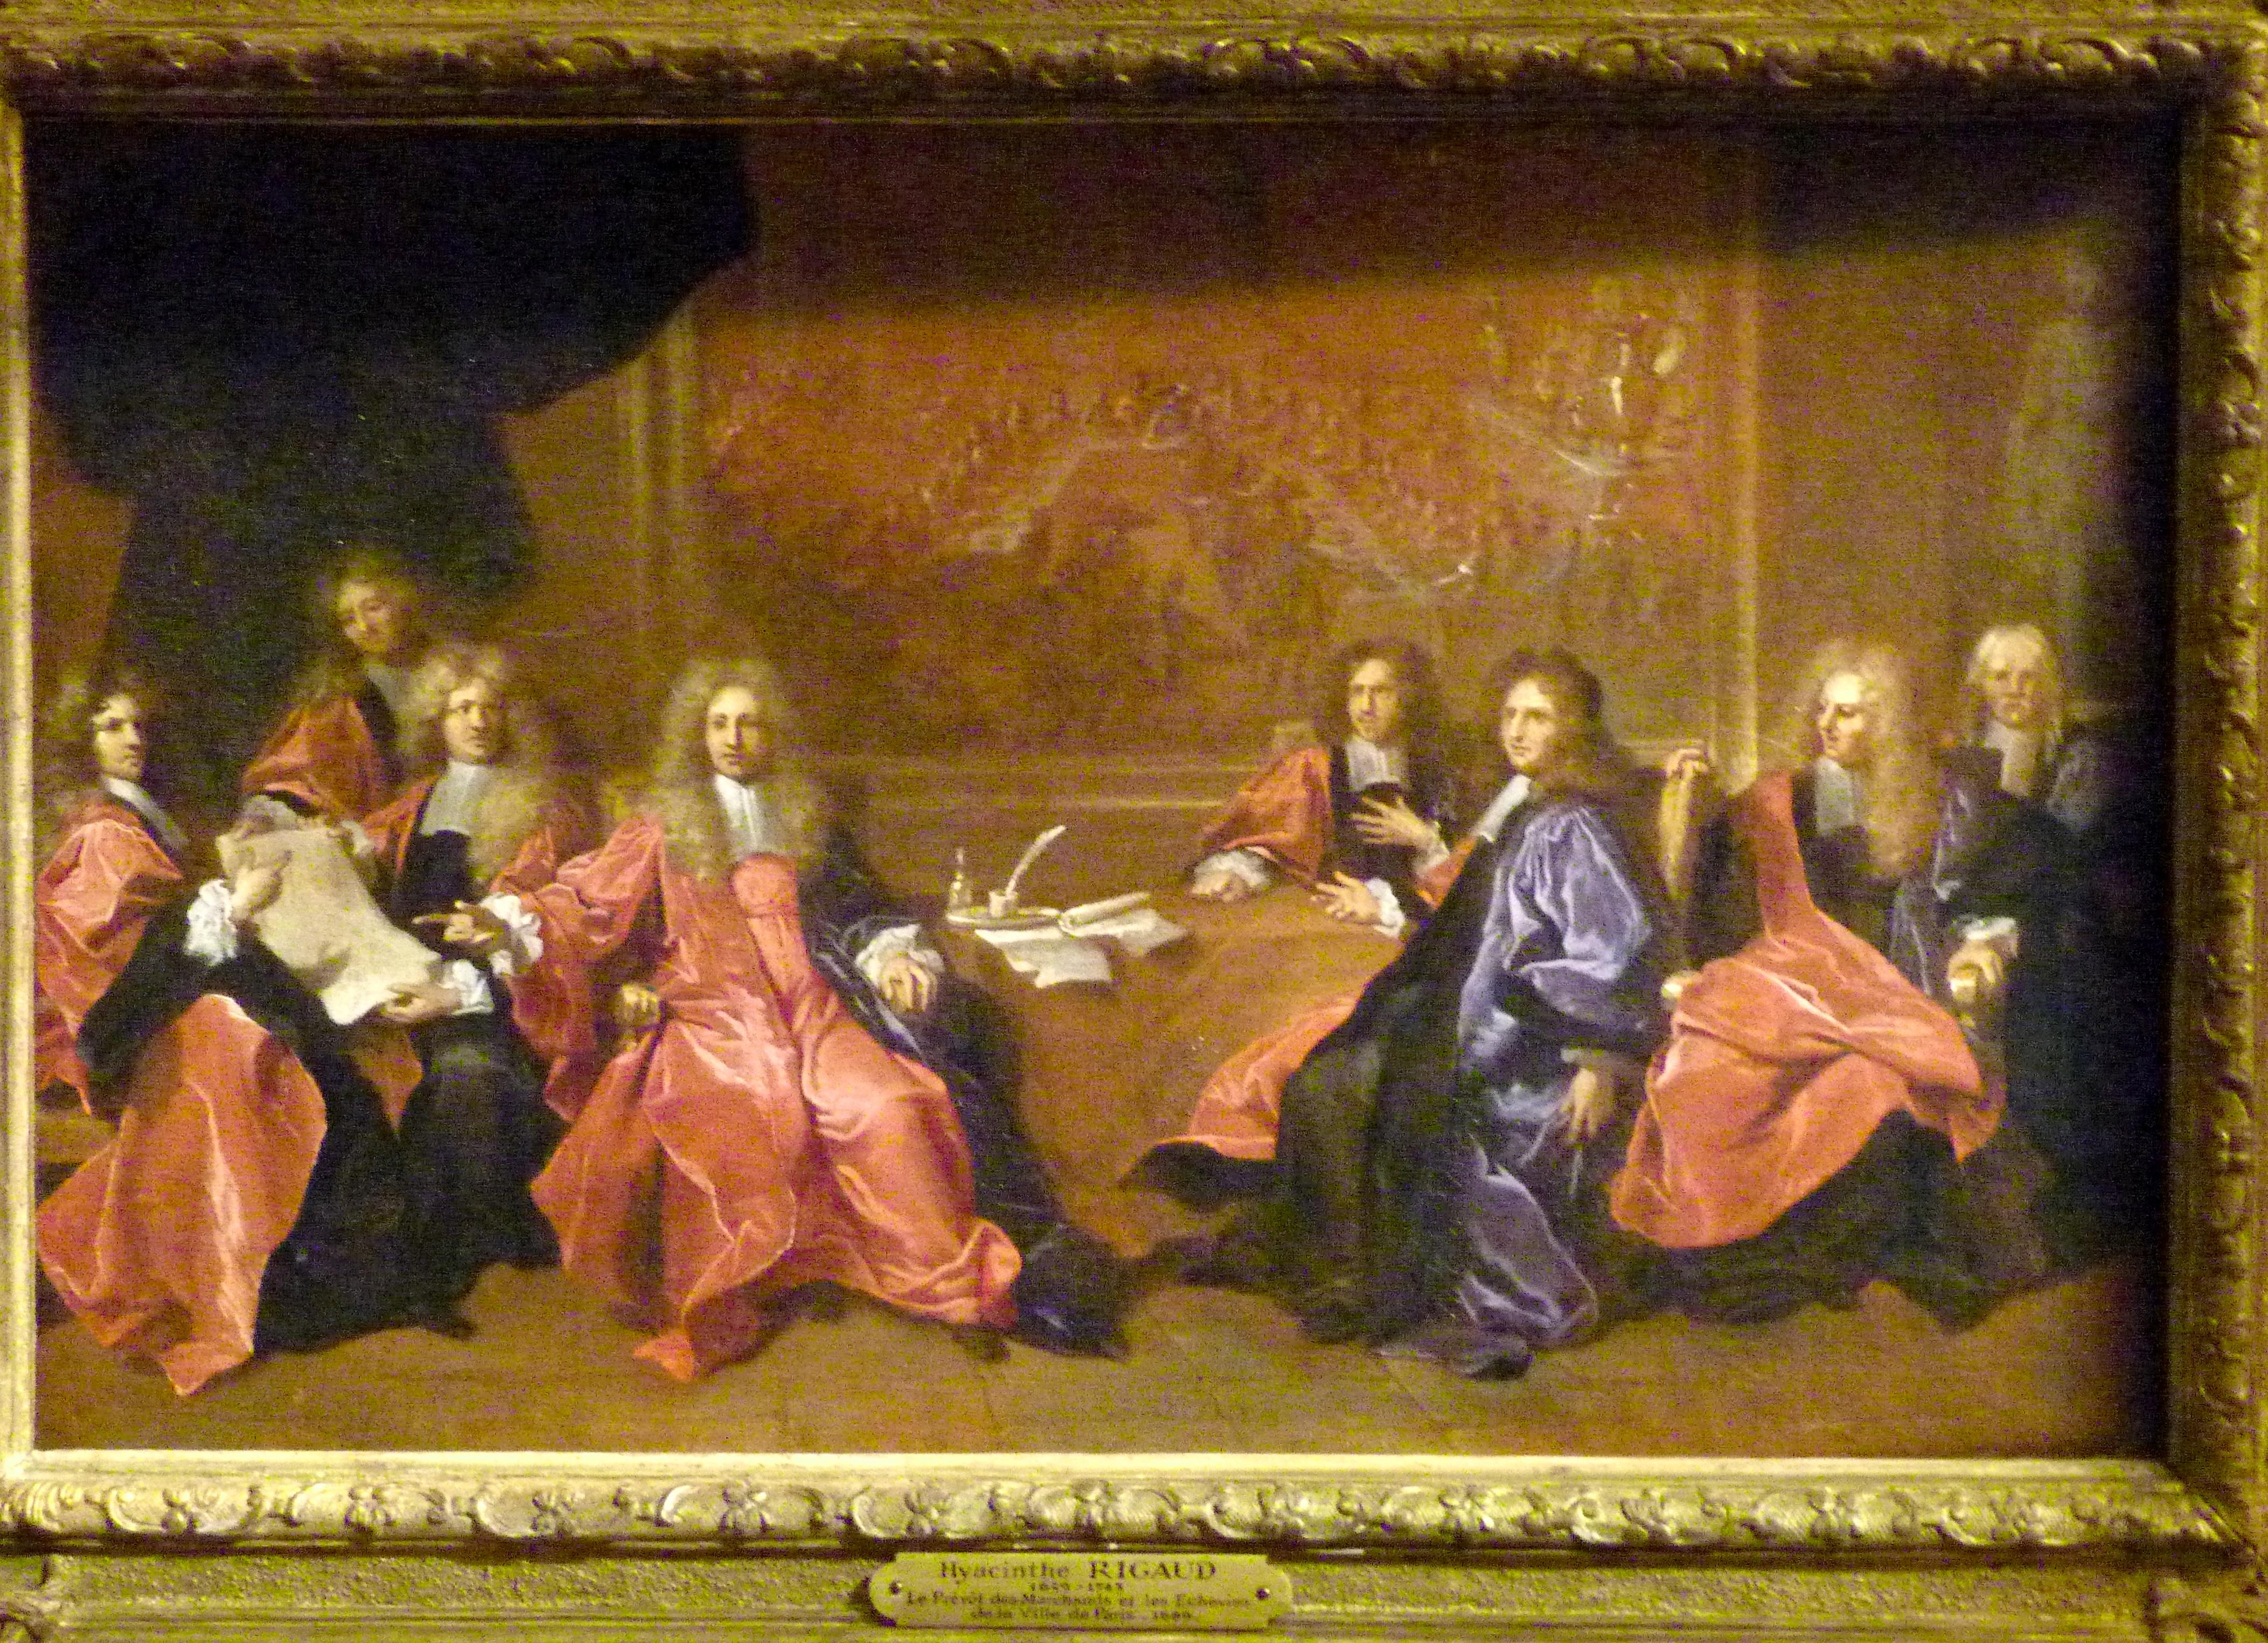 File:H Rigaud Prévot des marchands 1689.jpg